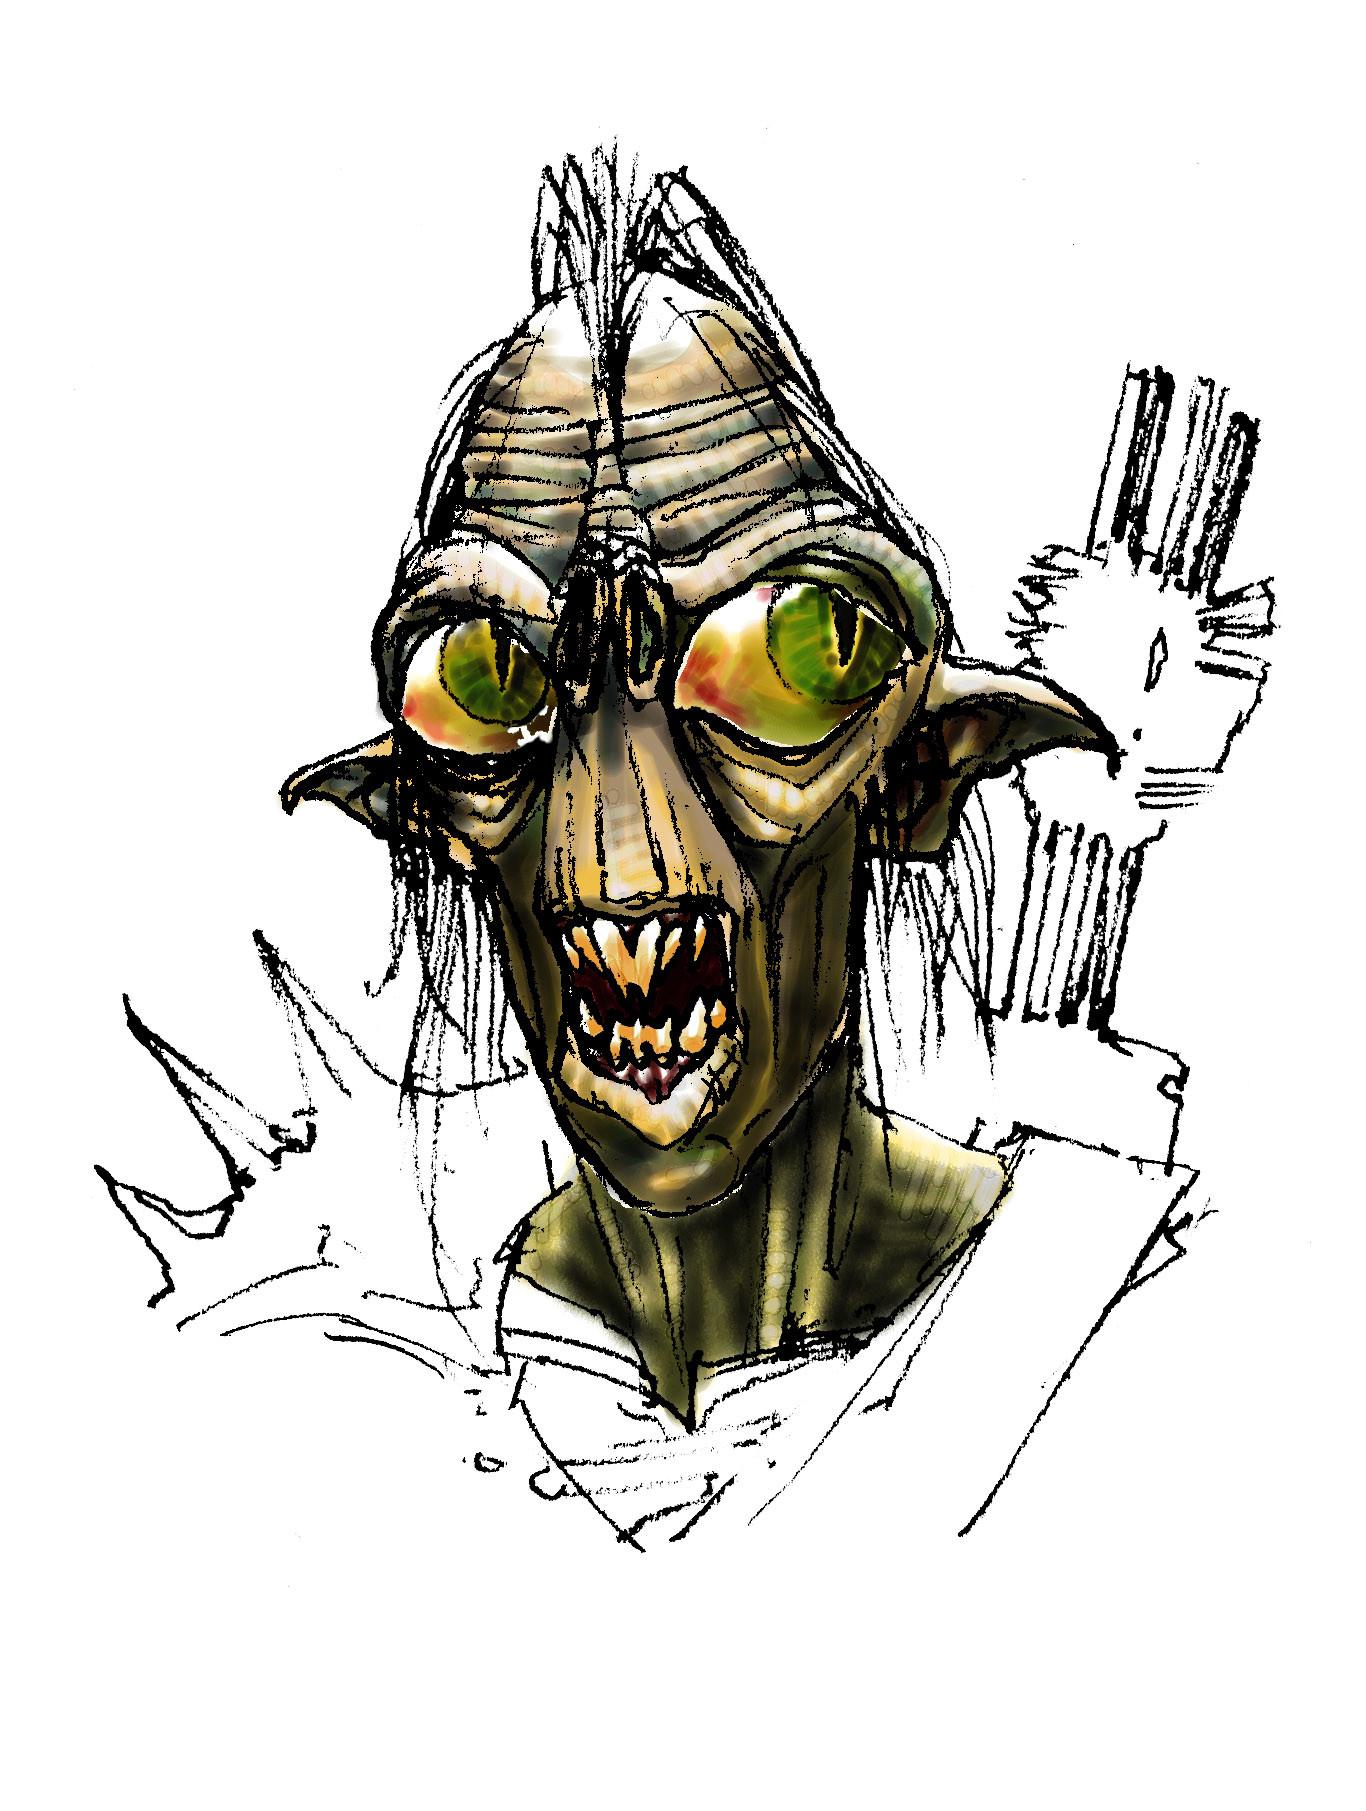 Midhat kapetanovic goblin4